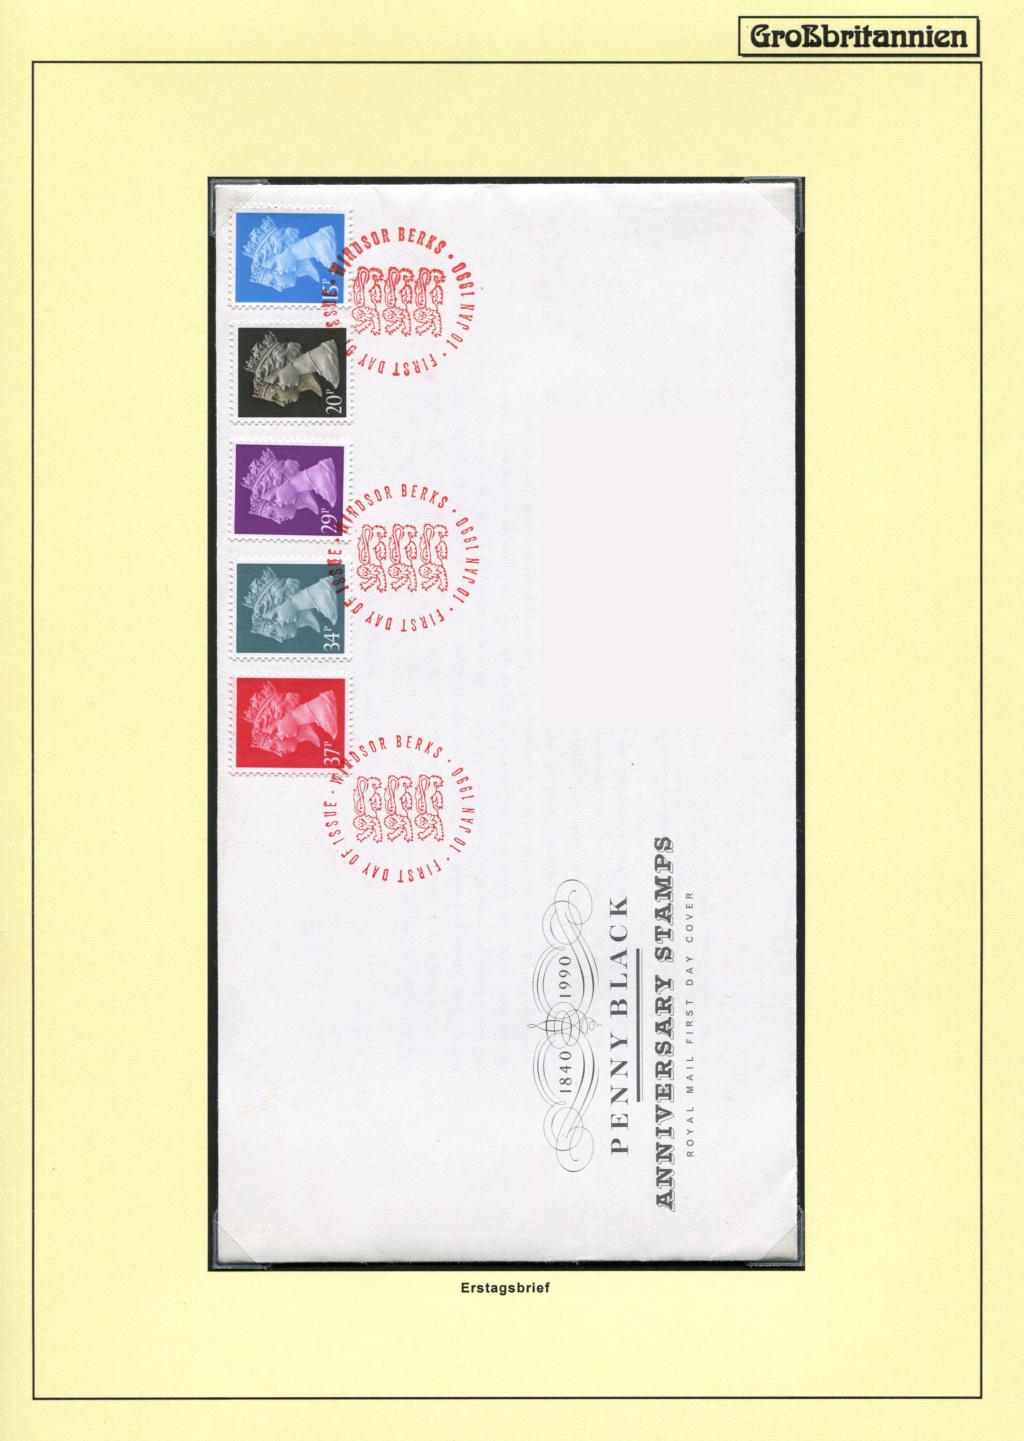 Großbritannien - 150 Jahre Briefmarken Black_16